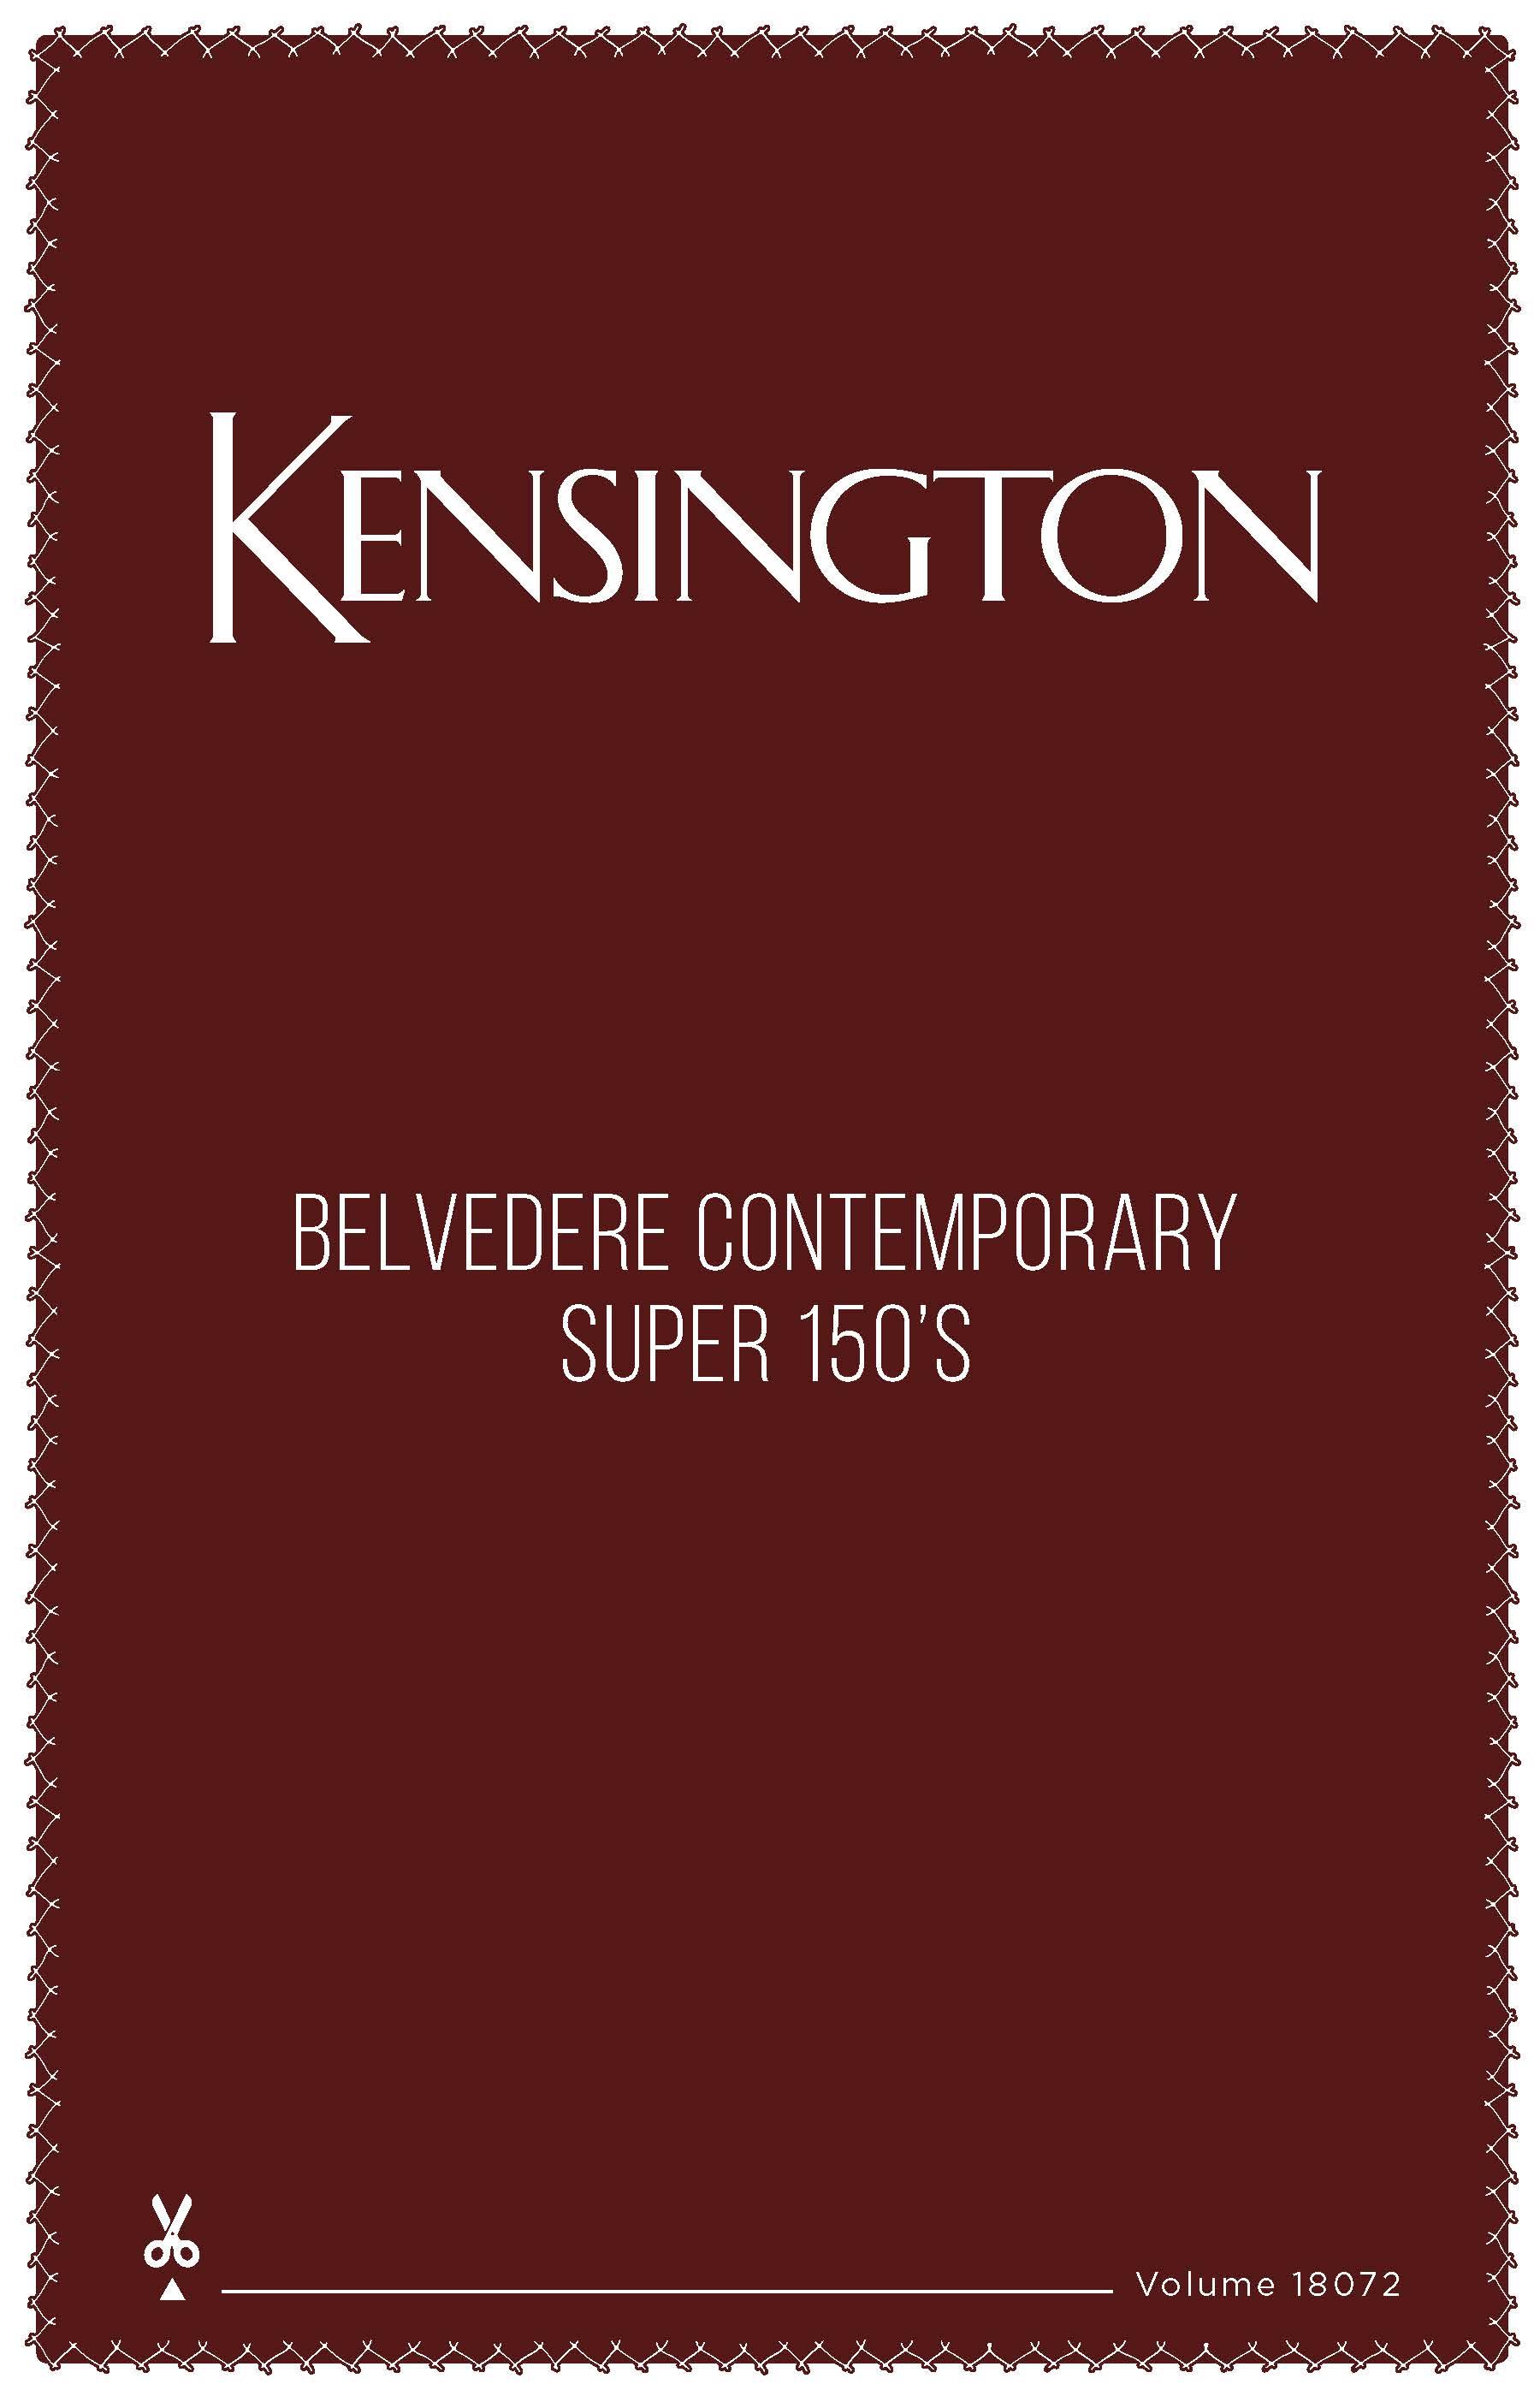 Kensington-Belvedere_Contemporary_V18072_DIGITAL.jpg